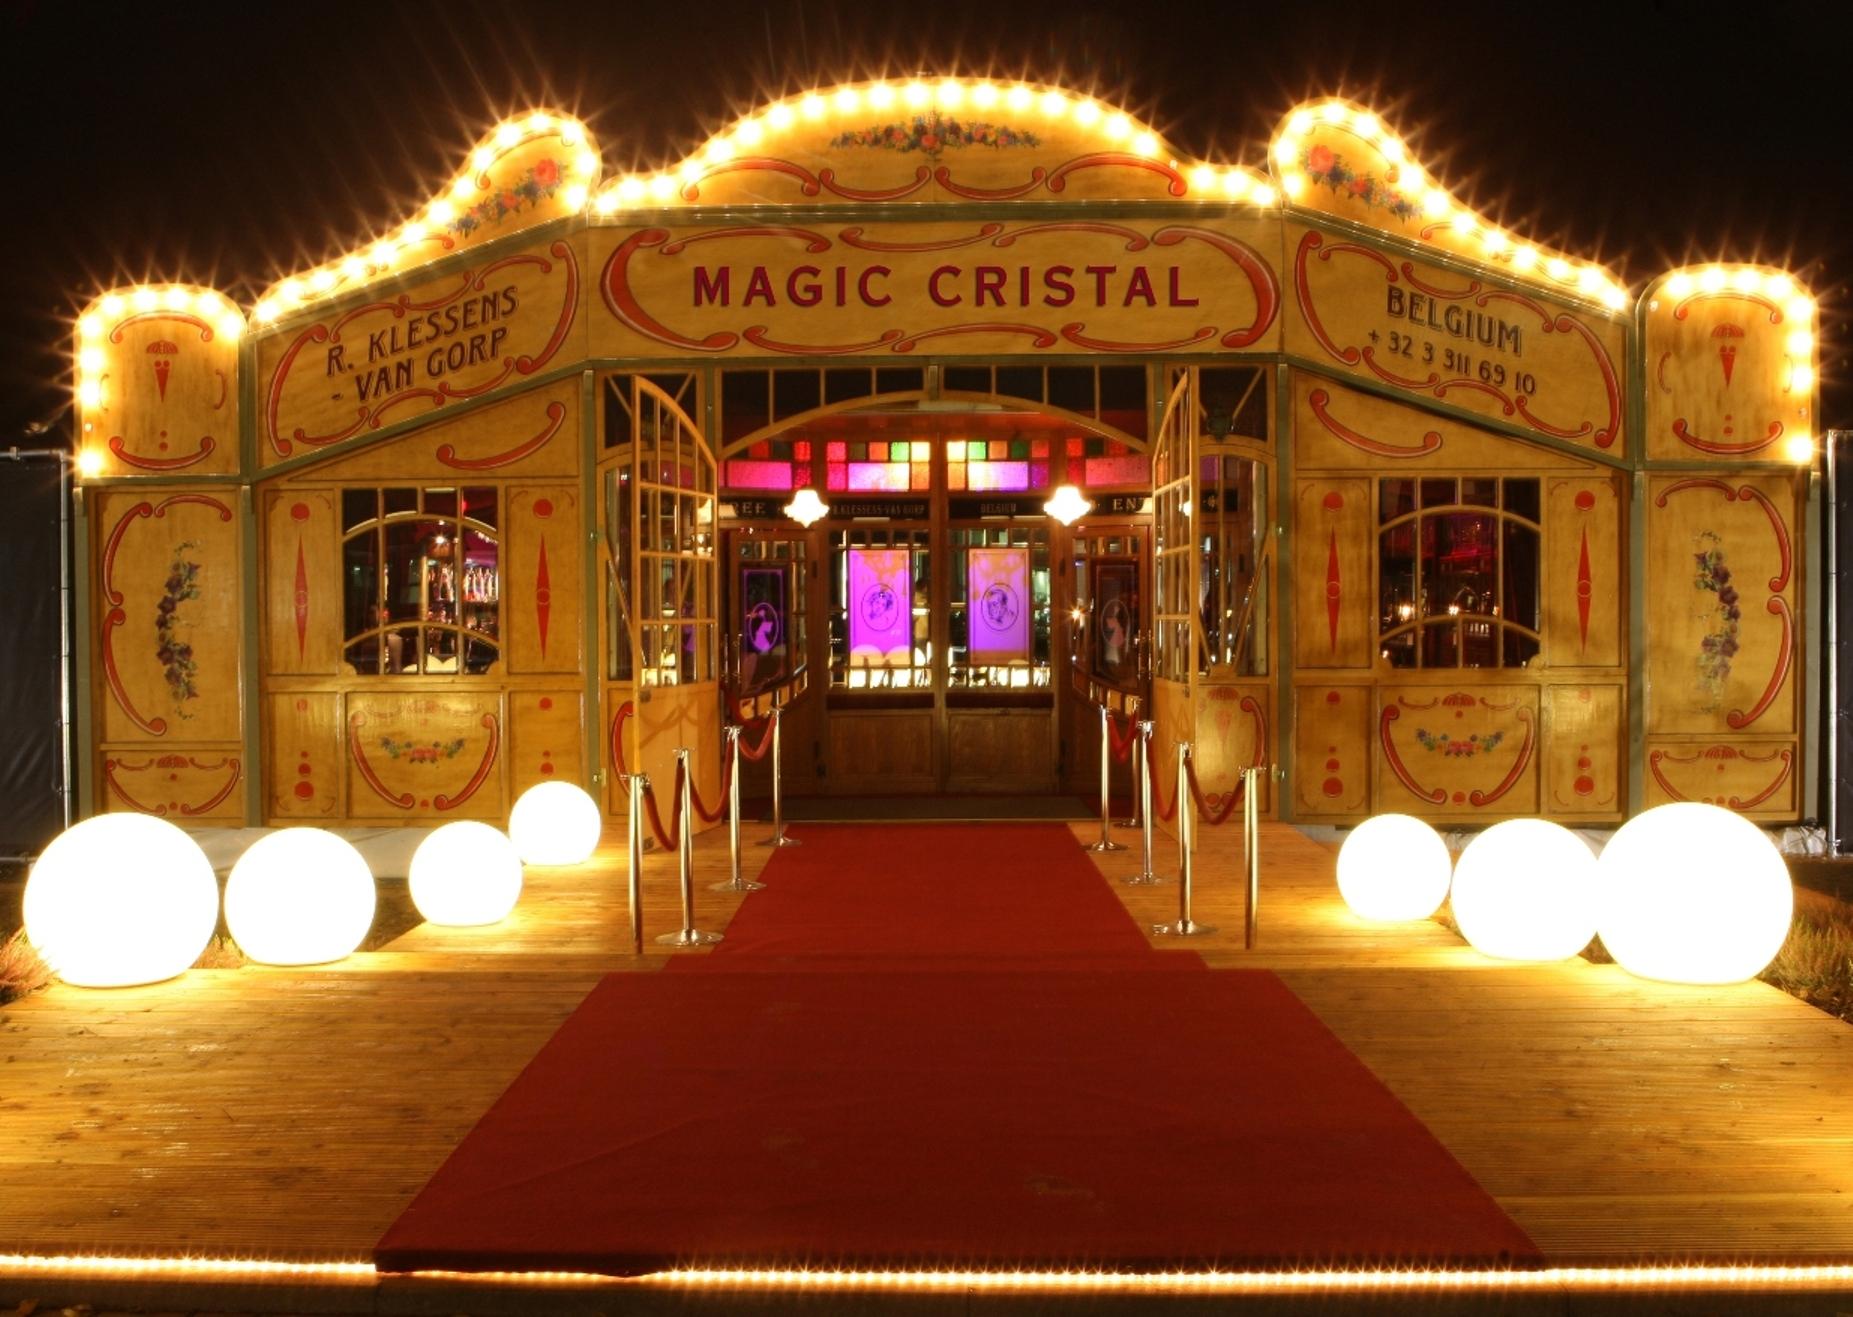 Spiegeltent Magic Cristal Het Spiegelpaleis I